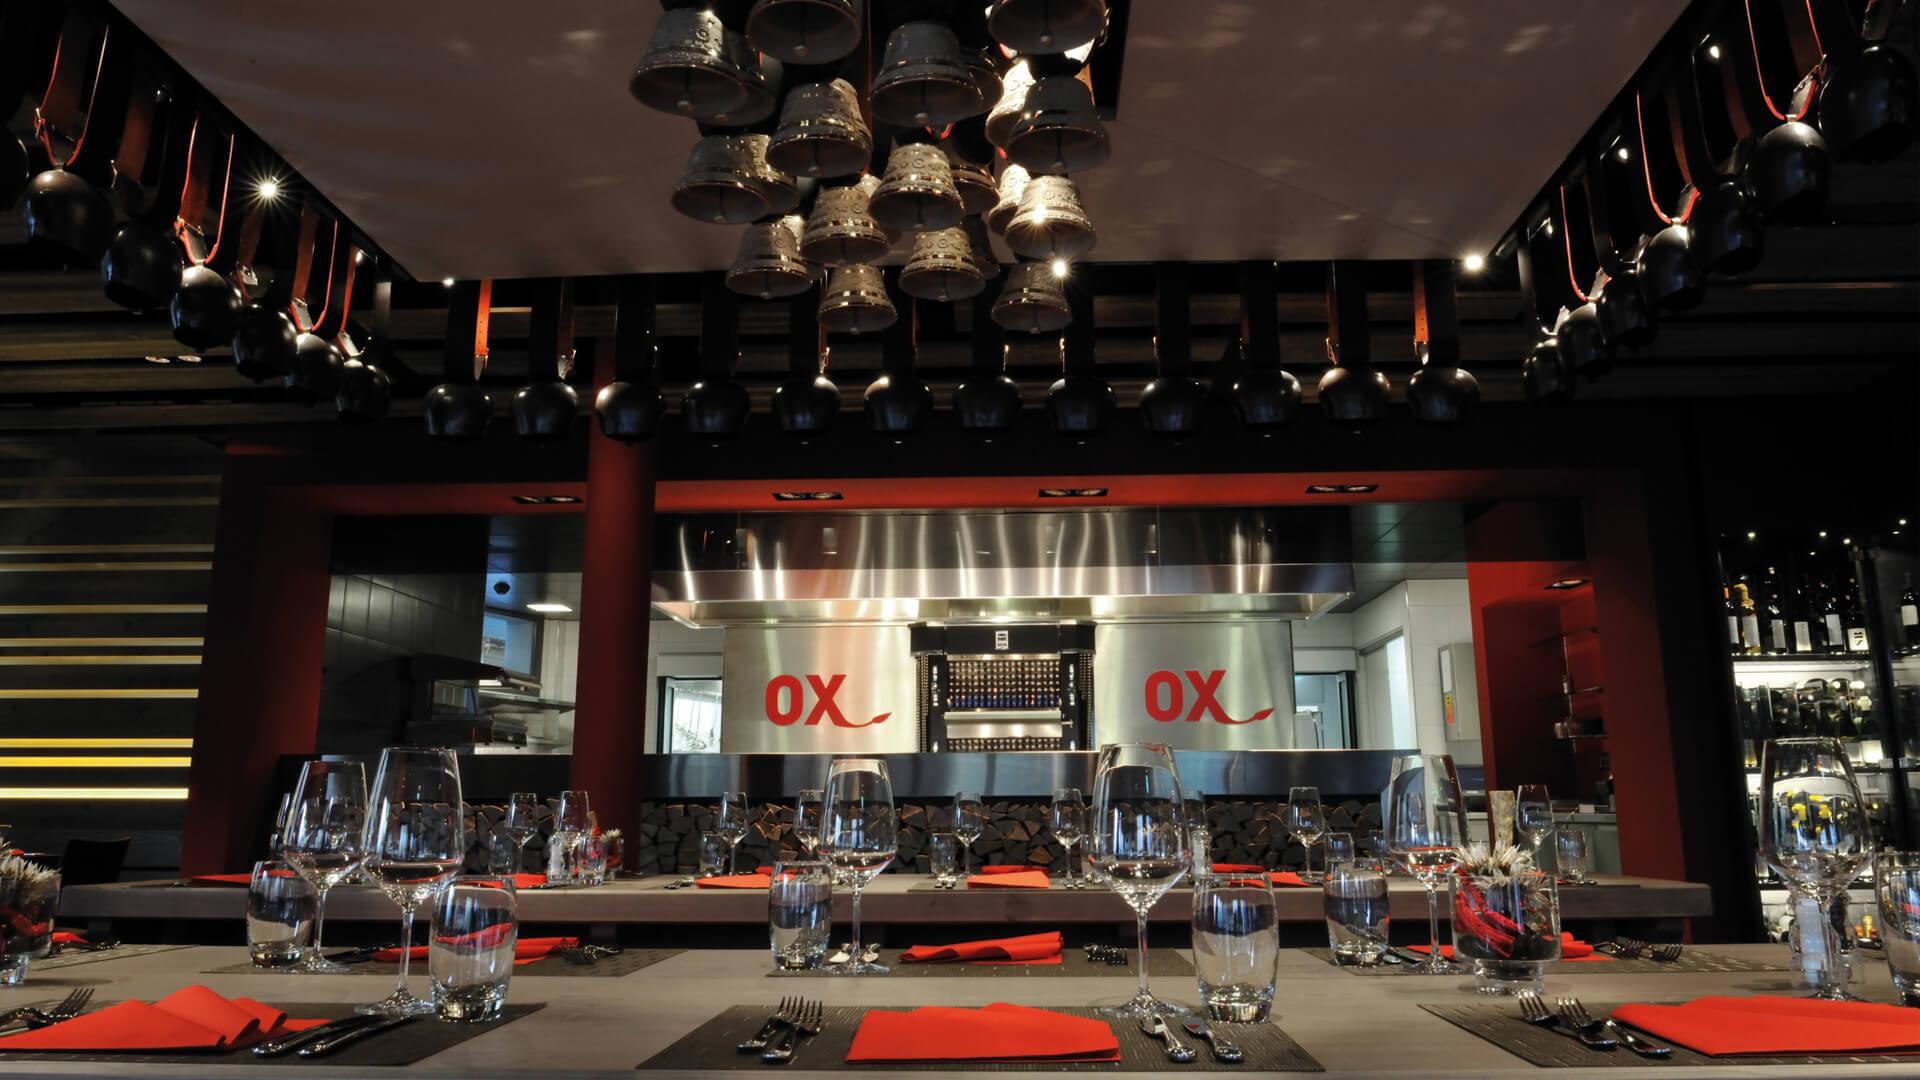 restaurant-grill-ox-innenbereich